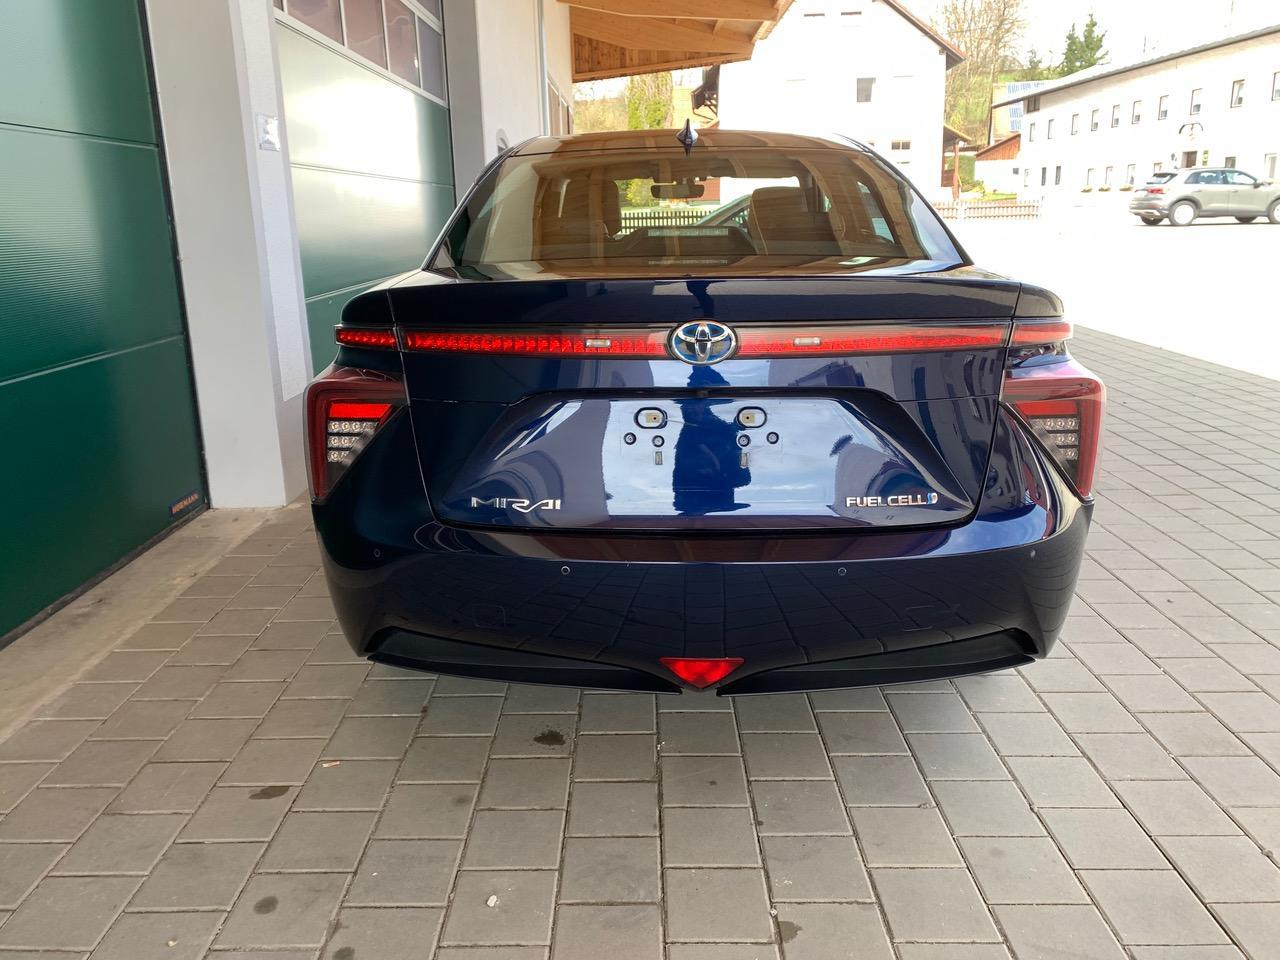 Gebraucht Blau Toyota mirai wasserstoff auto zu Verkaufen